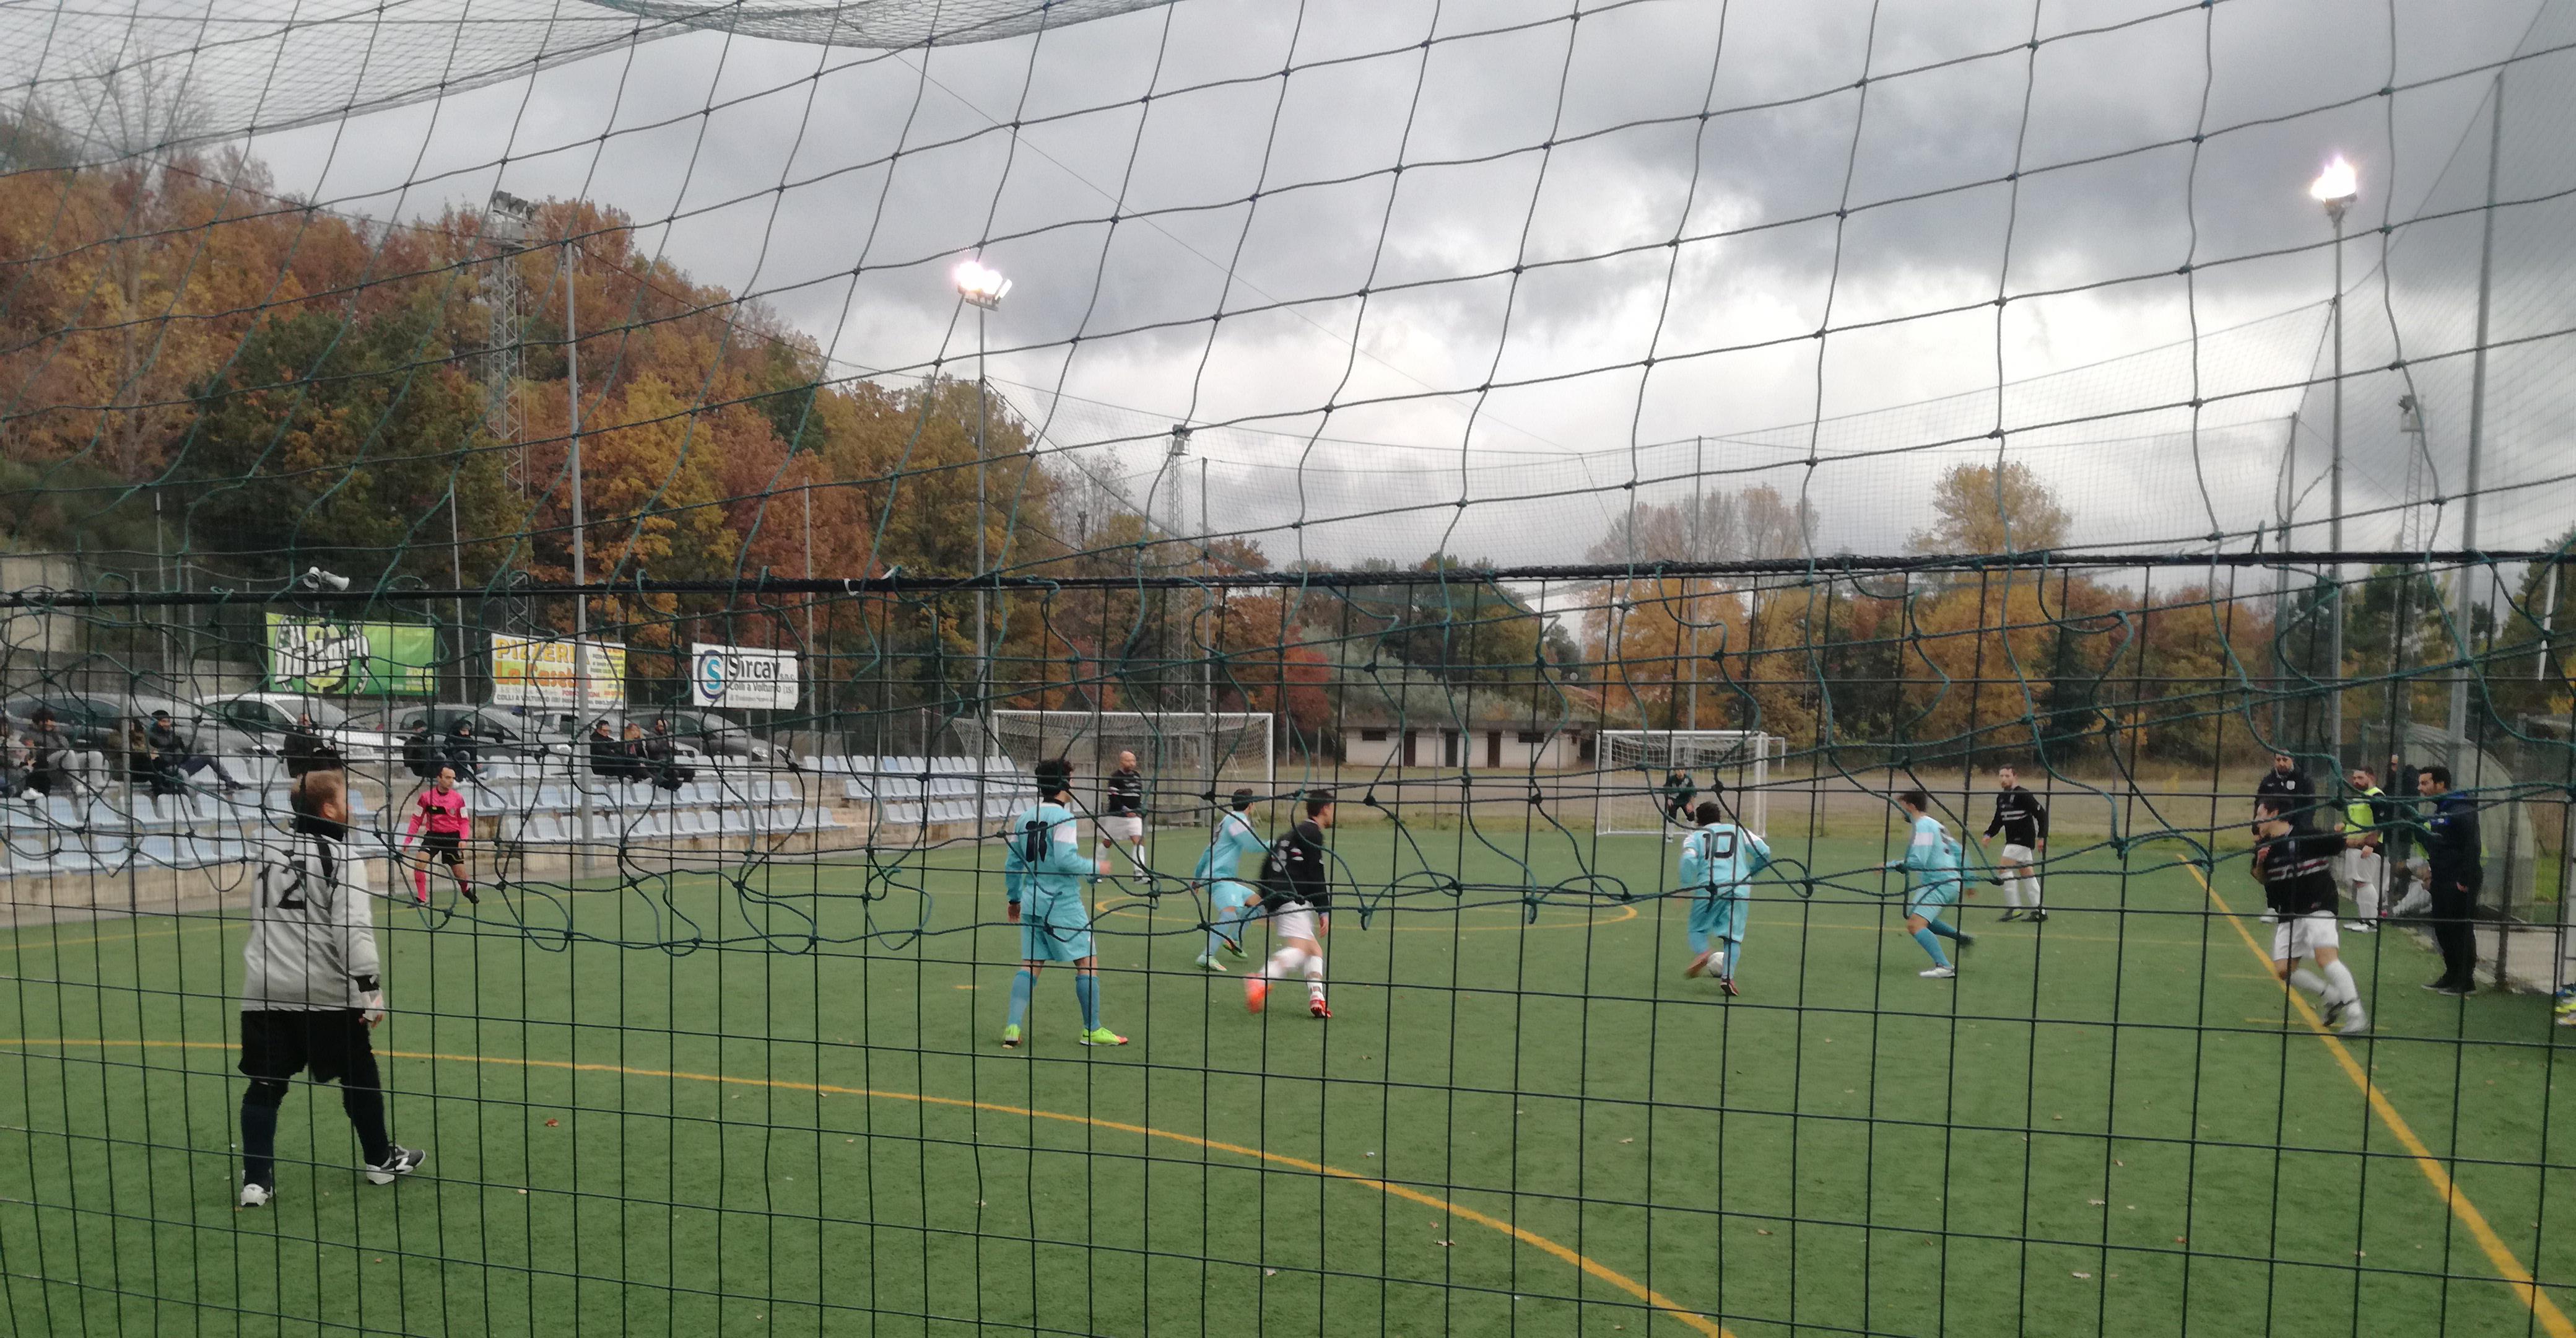 Calcio a 5: la Futsal Colli sfida lo Sporting Venafro al Palazzetto dello sport di Isernia per la terza giornata di campionato.